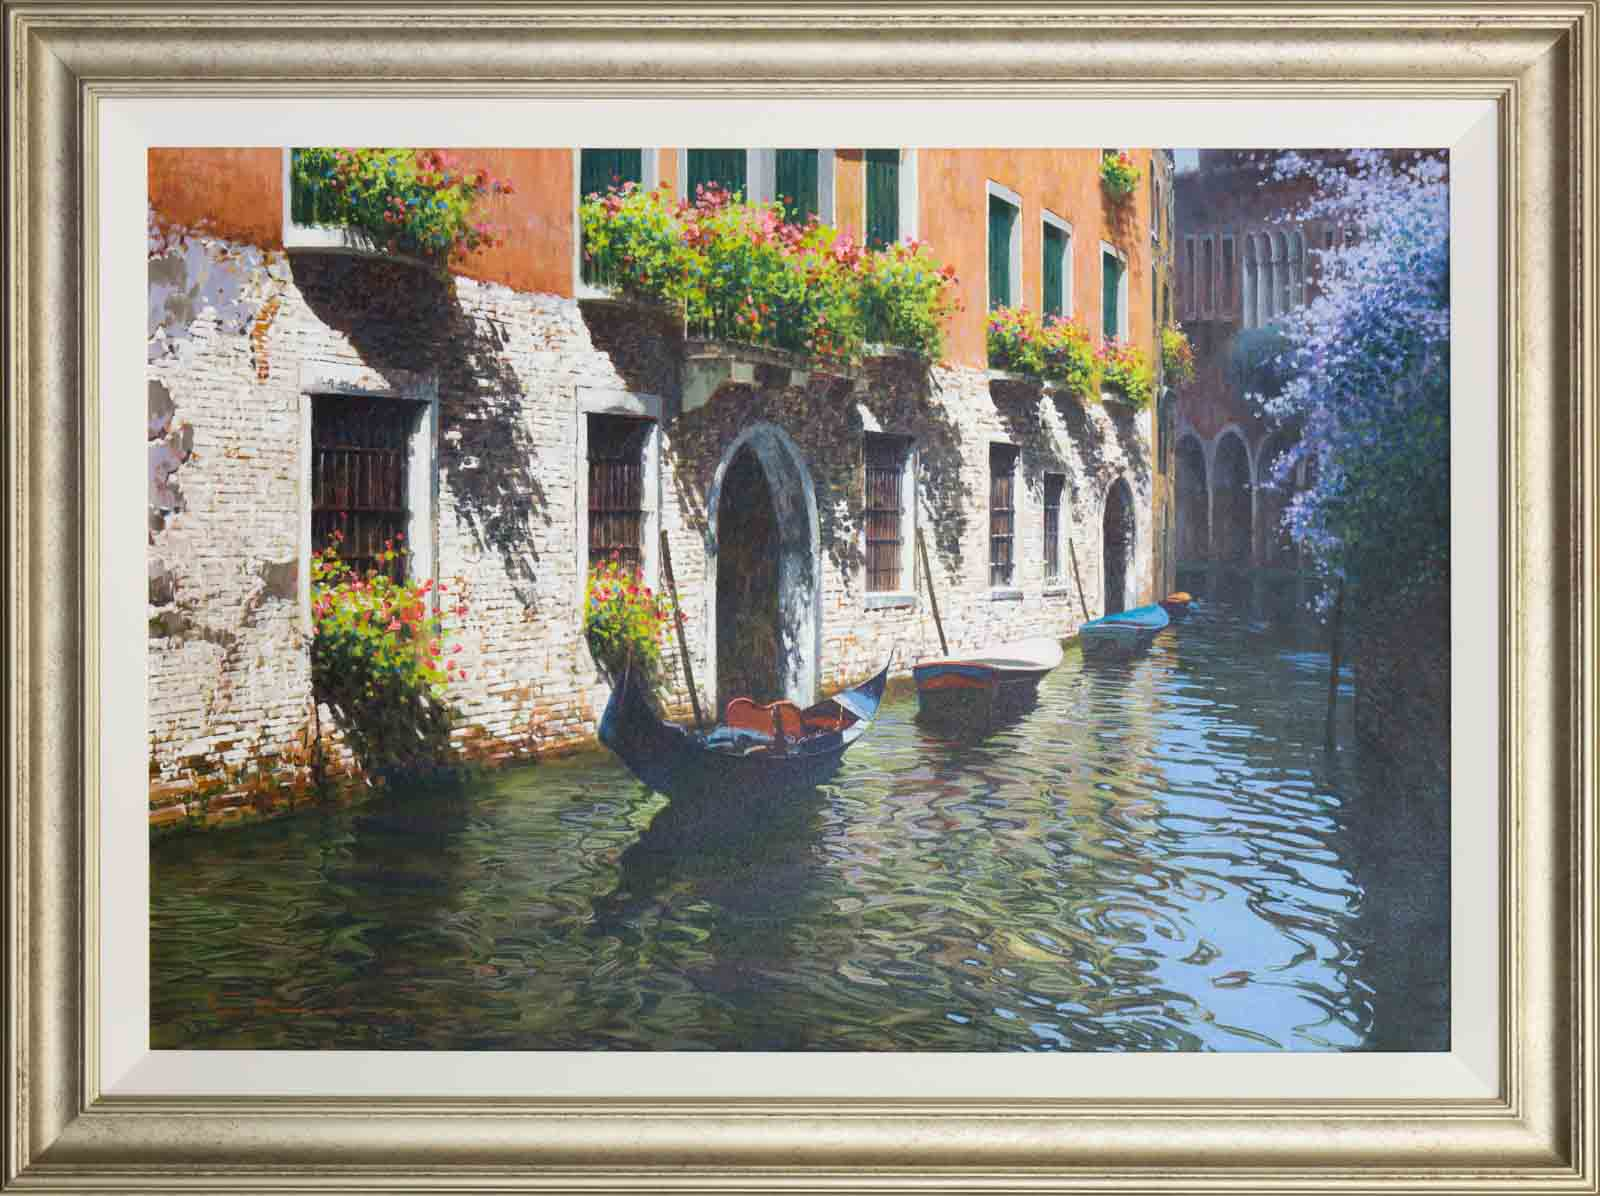 Reflections, Venice, Raffaele Fiore